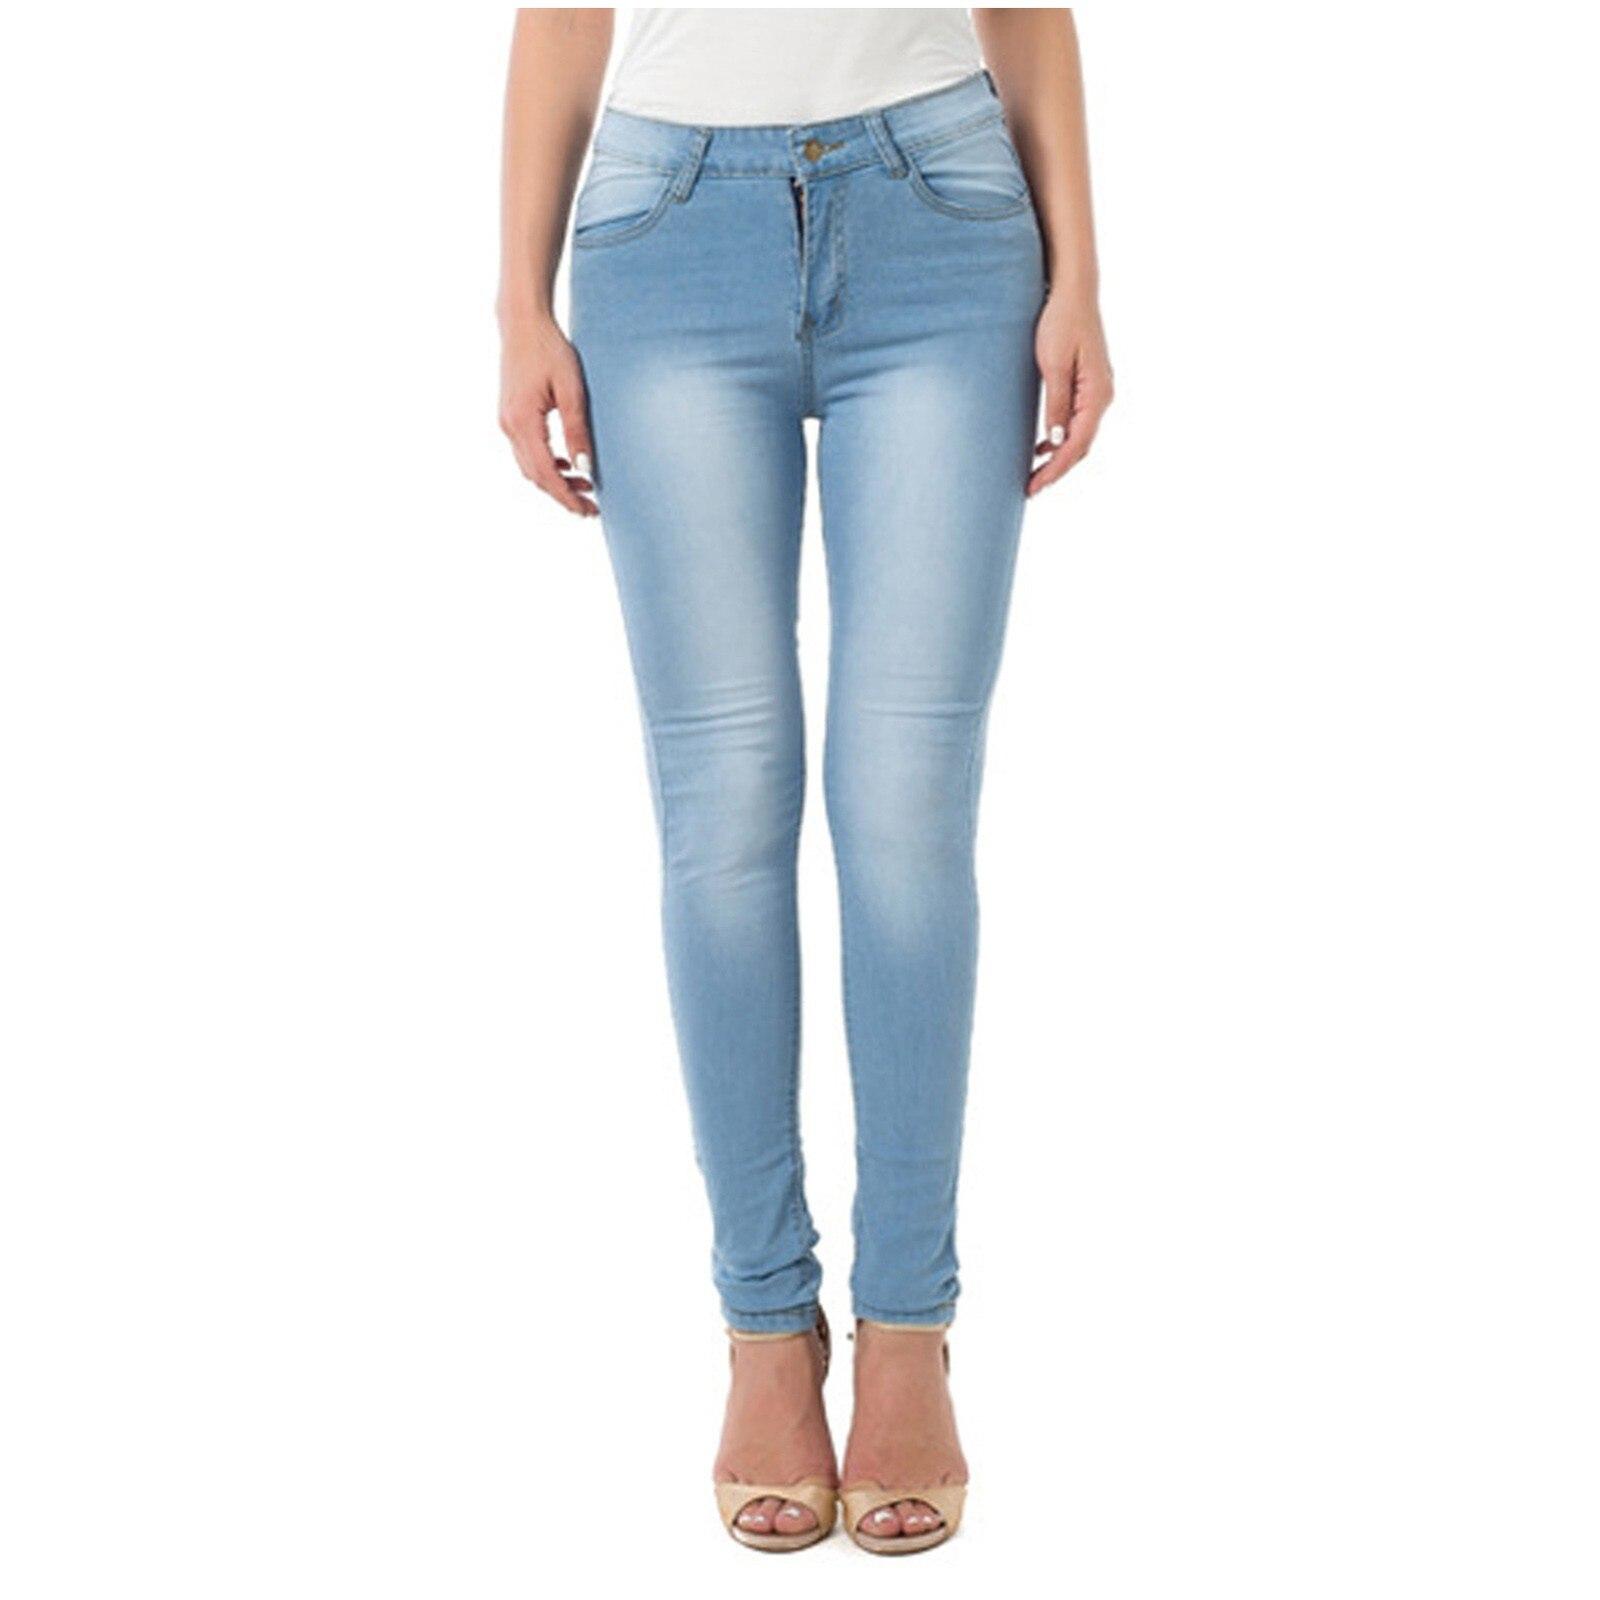 Jeans Woman High Waist New 2021 Fashion Simple Casual Plus Size Solid Color Gradient Long Jeans Denim Slim Regular Pencil Pants